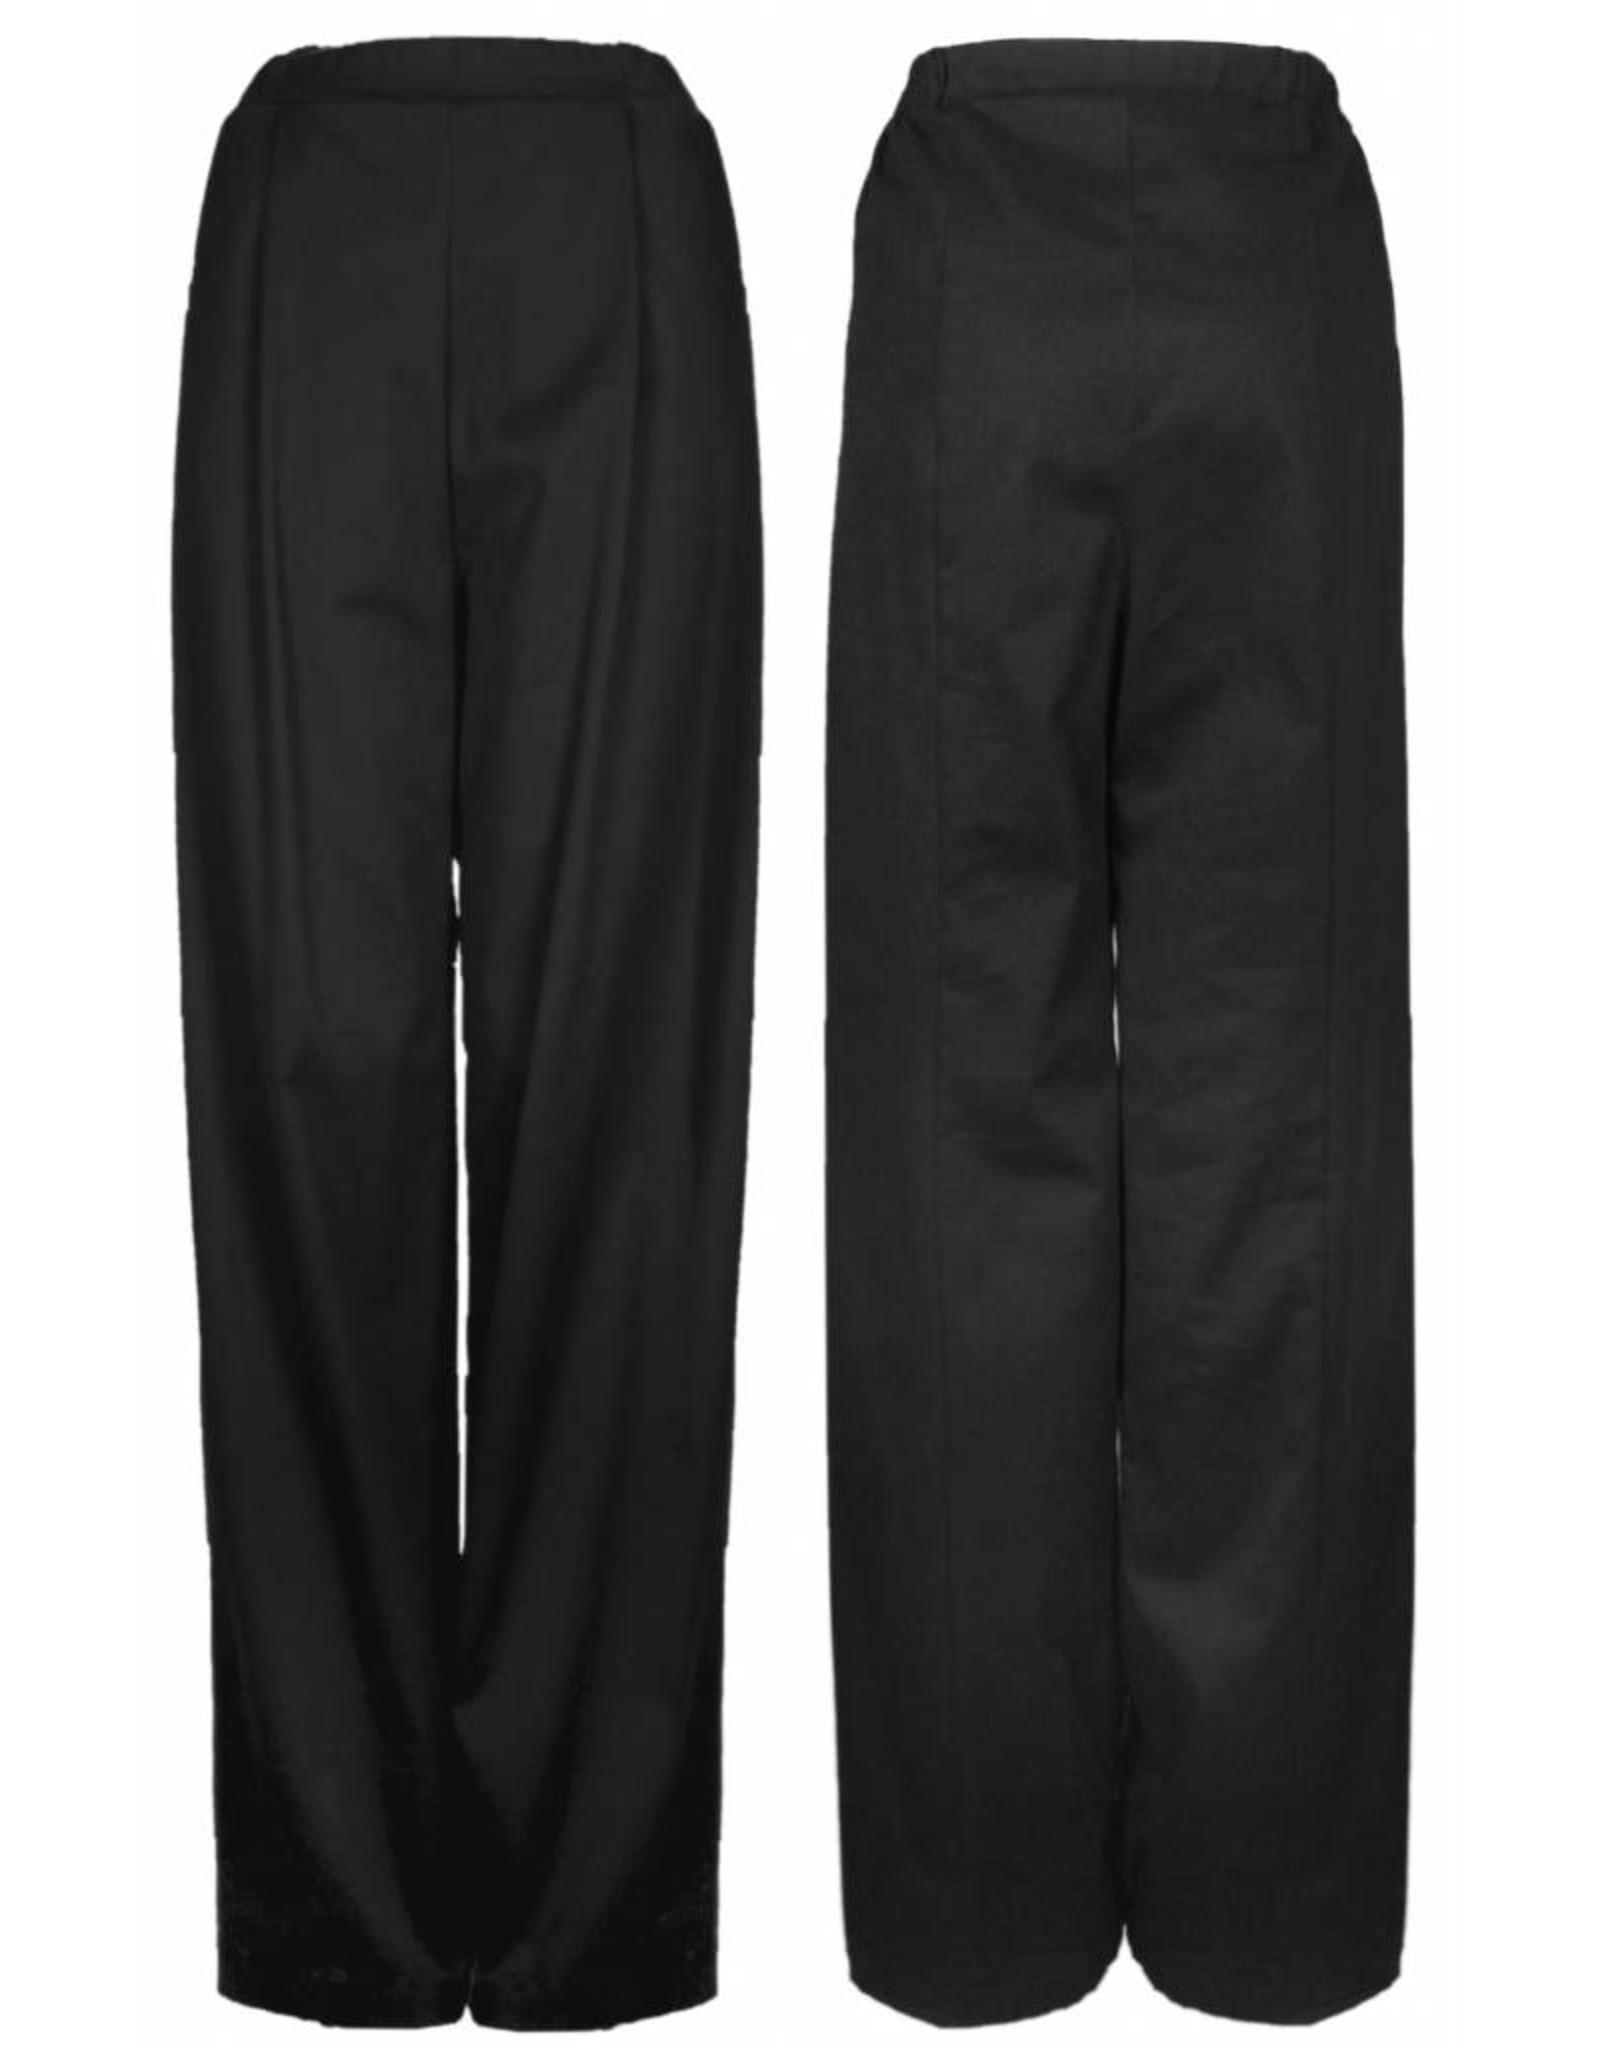 format CASE pants, canvas